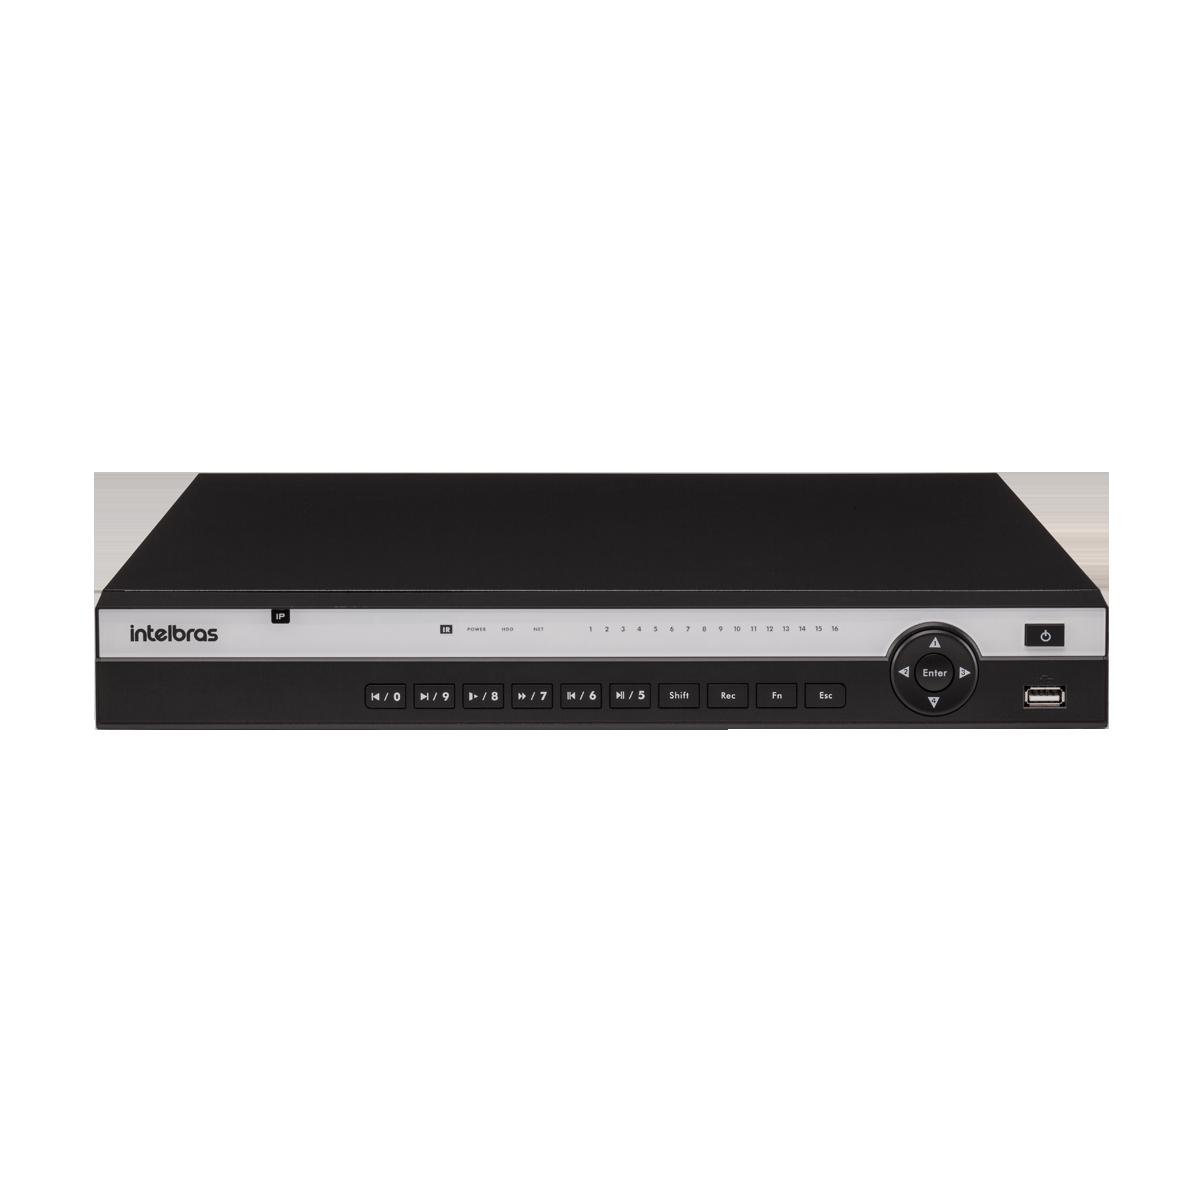 NVD 3116 COM HD 2TB - GRAV. DIG. DE VÍDEO EM REDE PARA ATÉ 16 CANAIS IP EM FULL HD @ 30 FPS, INTELIGÊNCIA DE VÍDEO EM TODOS OS CANAIS, H.265, SUPORTE PARA 2HDS E SUPORTA CÂMERAS COM RESOLUÇÃO 4K - PRO  - Sandercomp Virtual